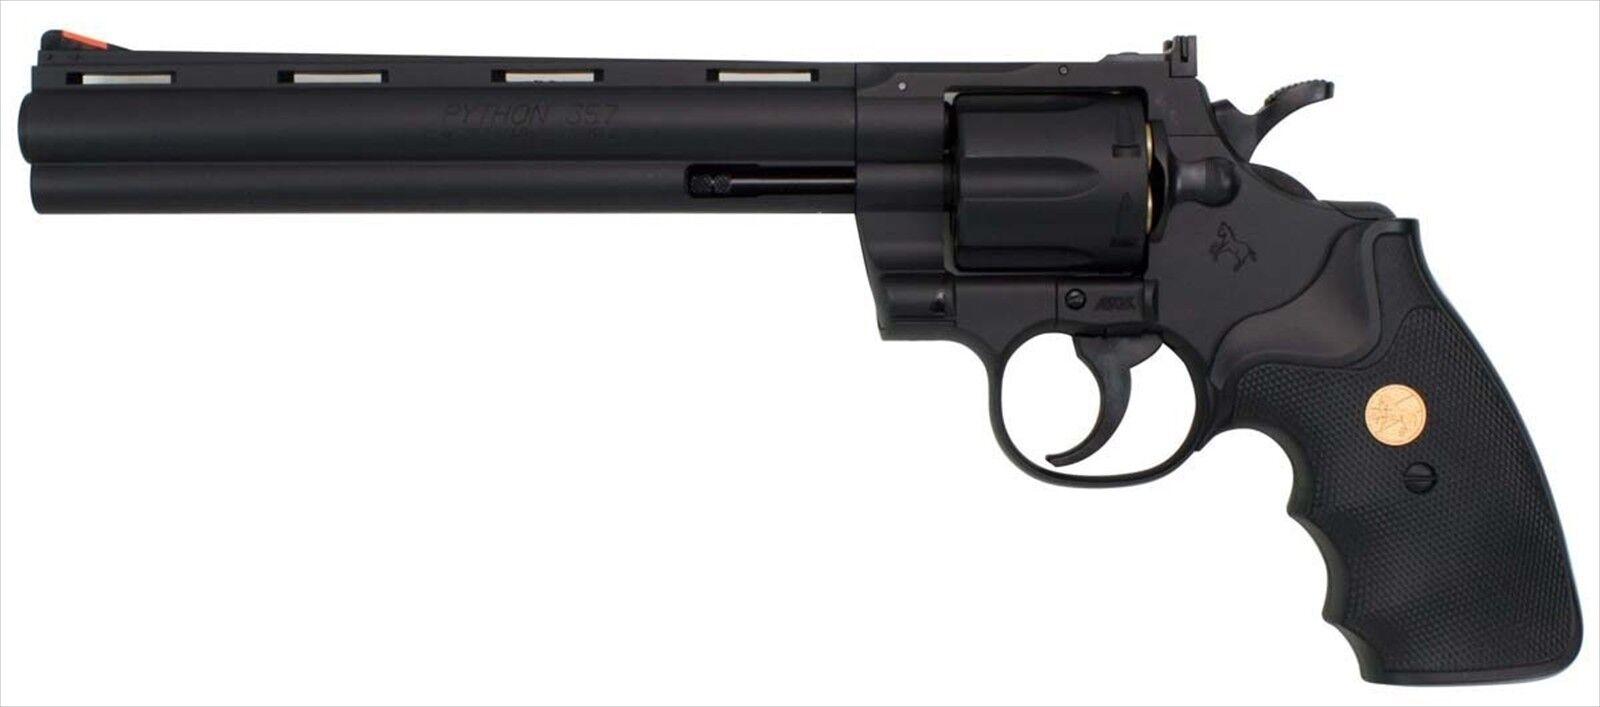 hasta un 50% de descuento Python Colt Hunter 357 Magnum 8 in (approx. 20.32 cm) cm) cm) Negro Pistola de aire No18 Corona Modelo Japan F S  precios al por mayor